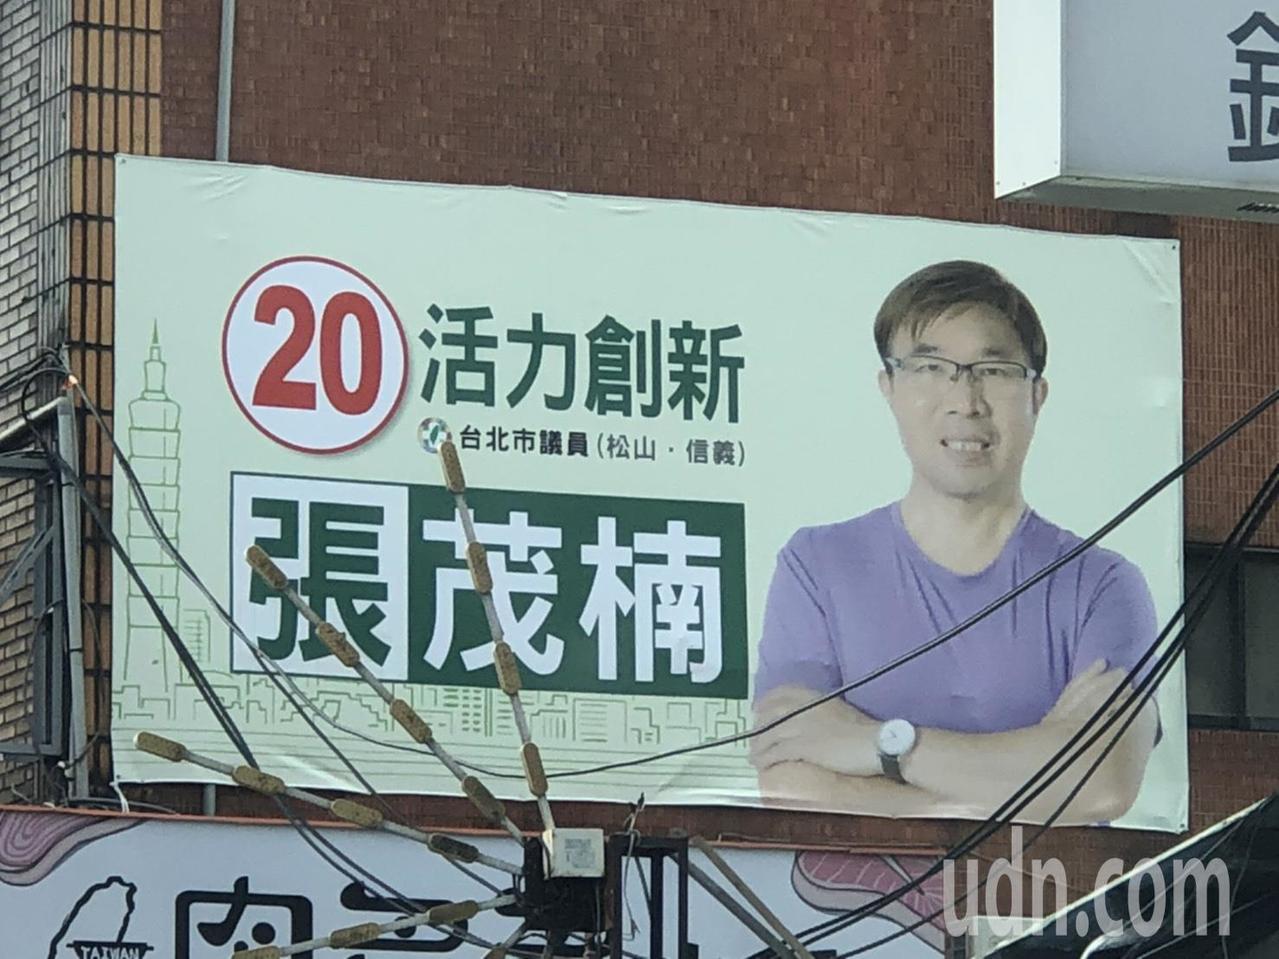 台北市松山信義區民進黨市議員張茂楠特地去植髮,讓選民驚嘆他瞬間年輕20歲。 記者...